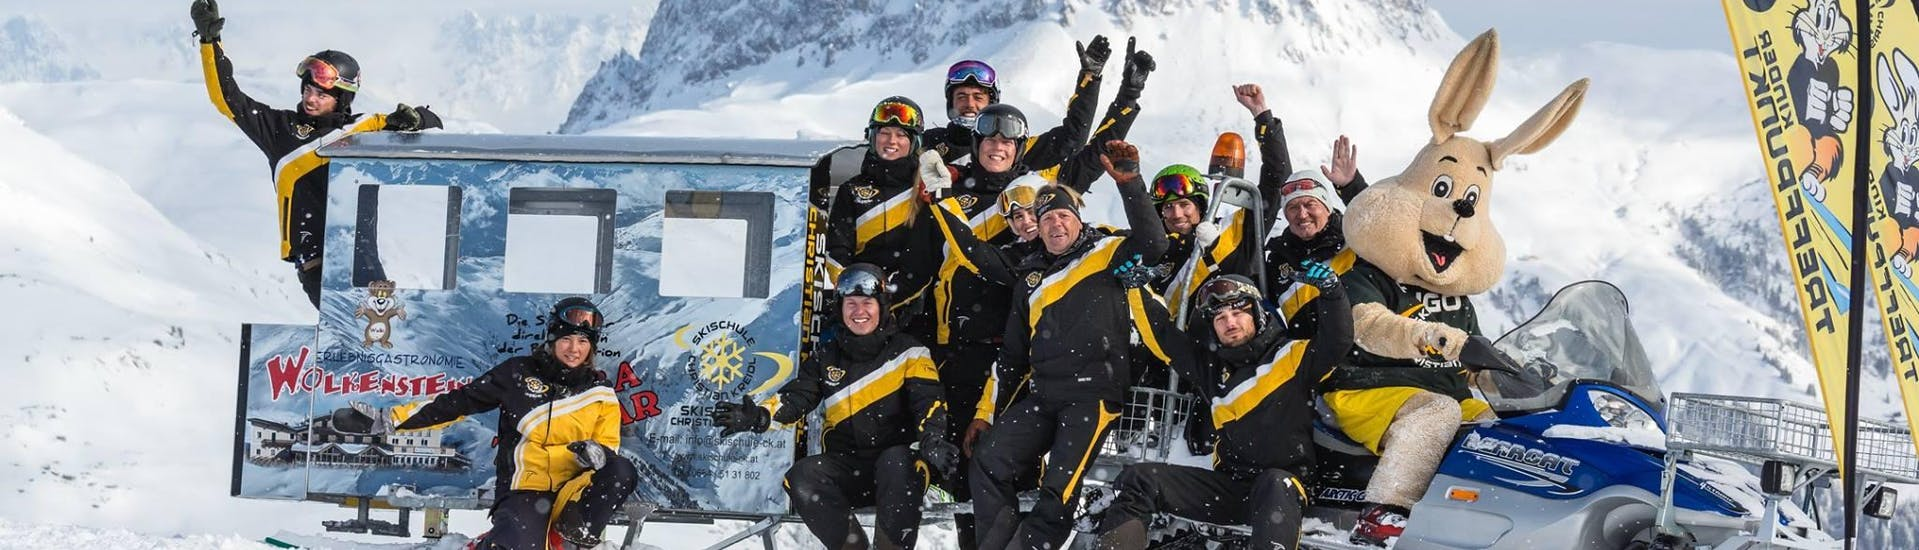 Skilessen voor kinderen (3-14 jaar) voor beginners met Skischule Christian Kreidl - Neukirchen - Hero image